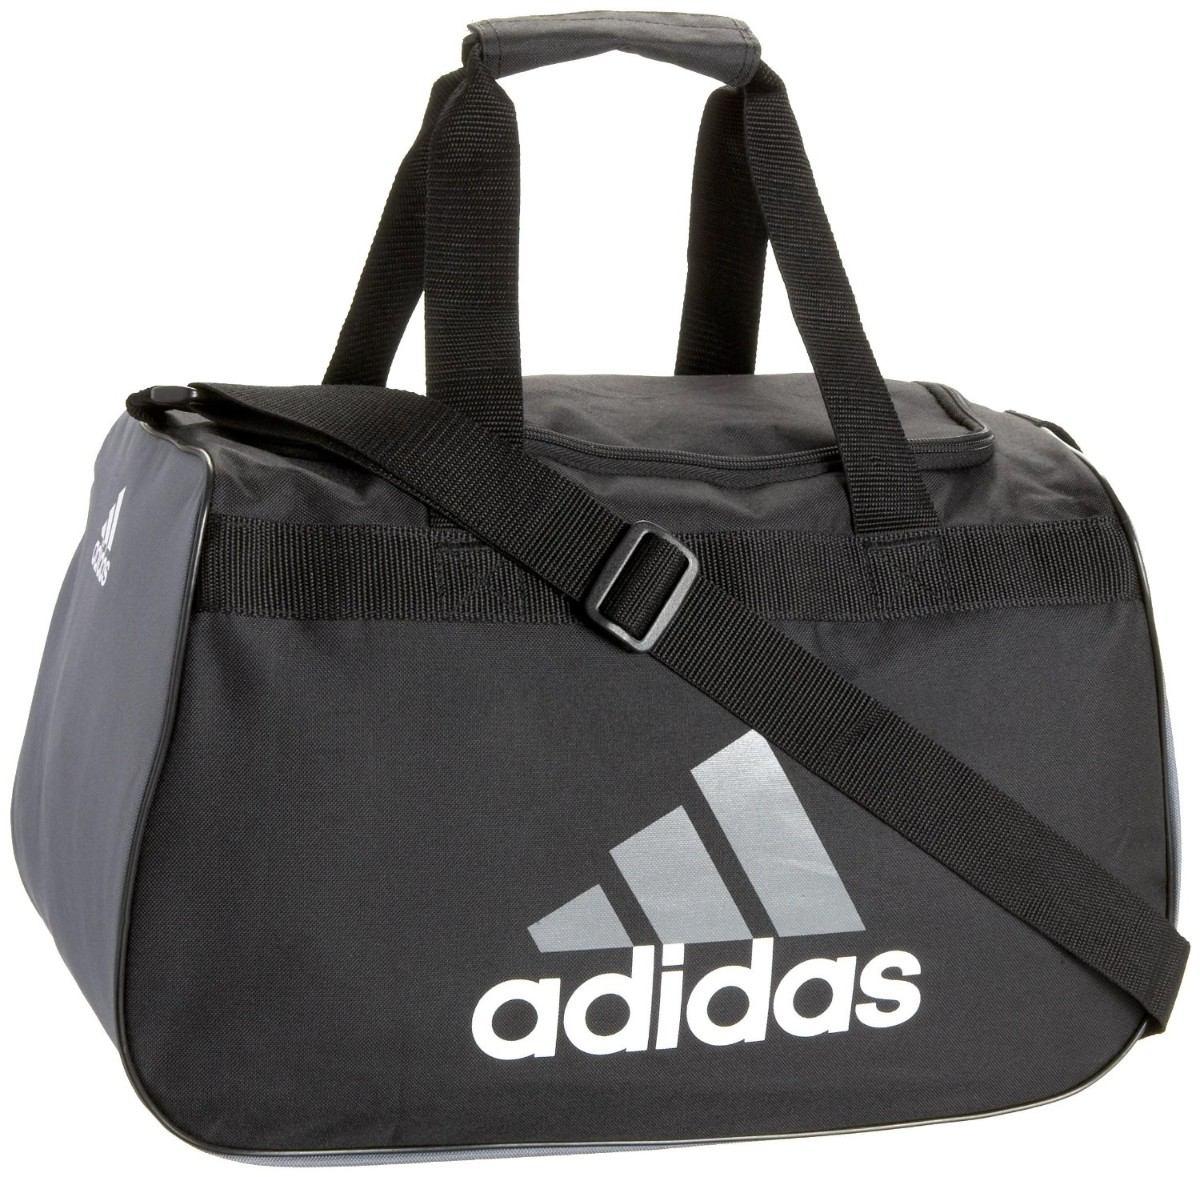 30 Adidas En Bolsos InmediataBs3 100OriginalesEntrega gvYb6f7y